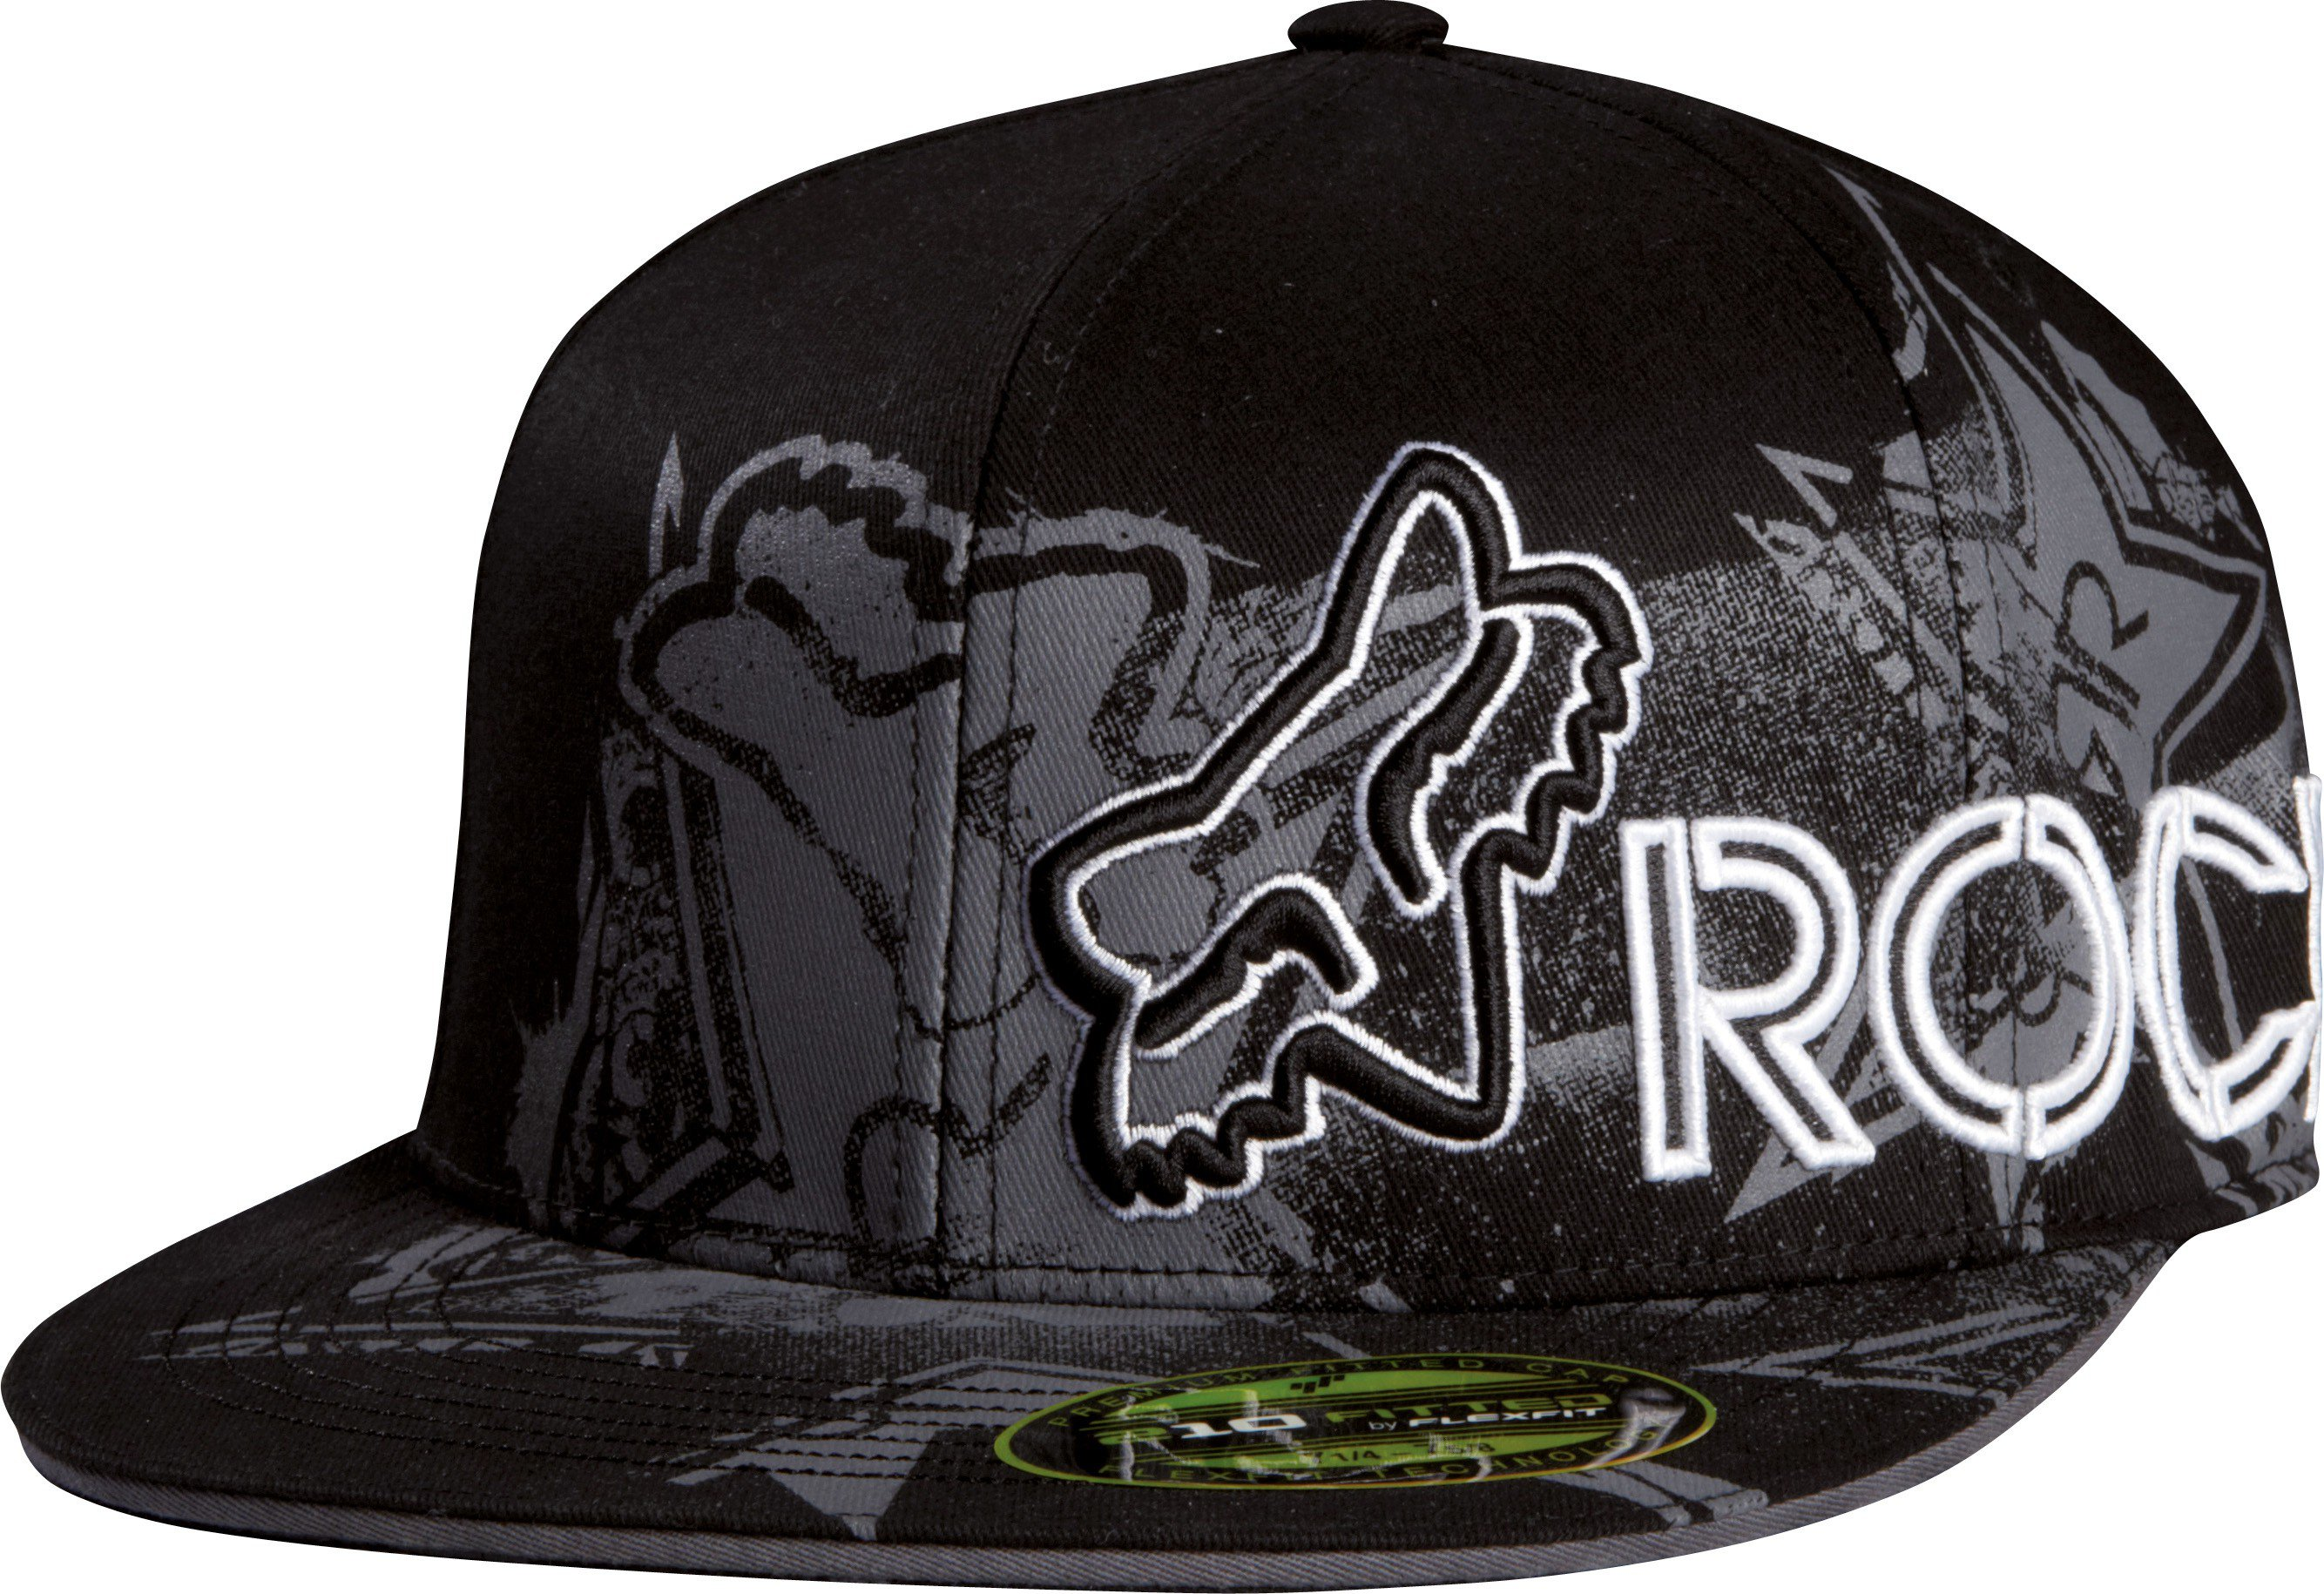 Čepice/Kšiltovka FOX Flexfit Rockstar Showbox 210